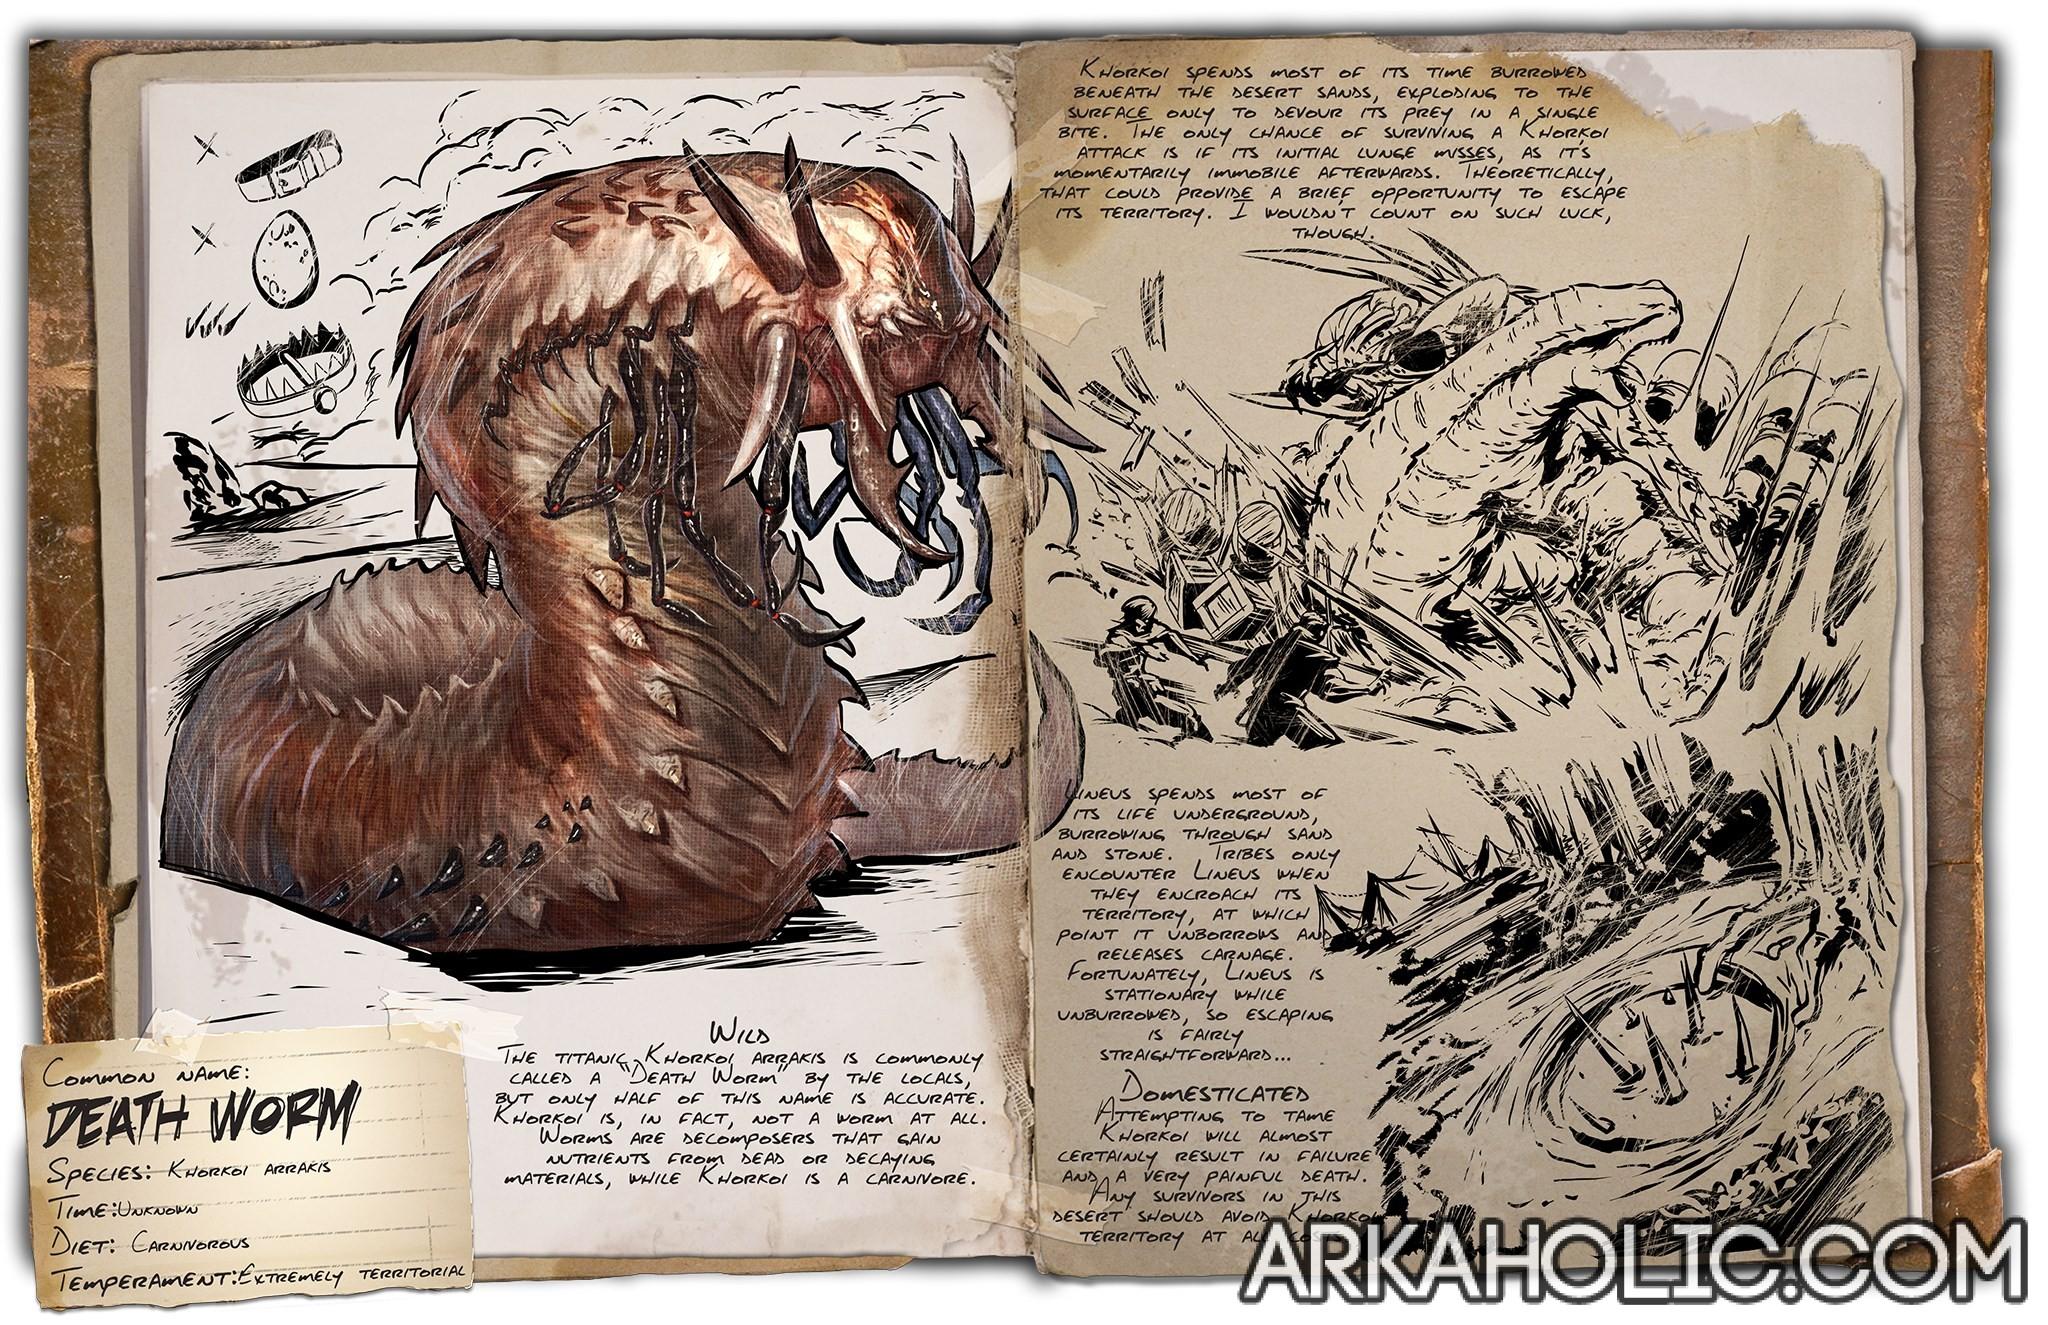 Death Worm Battle Tips Guide Ark Survival Evolved Survival evolved on channel demostorm. arkaholic